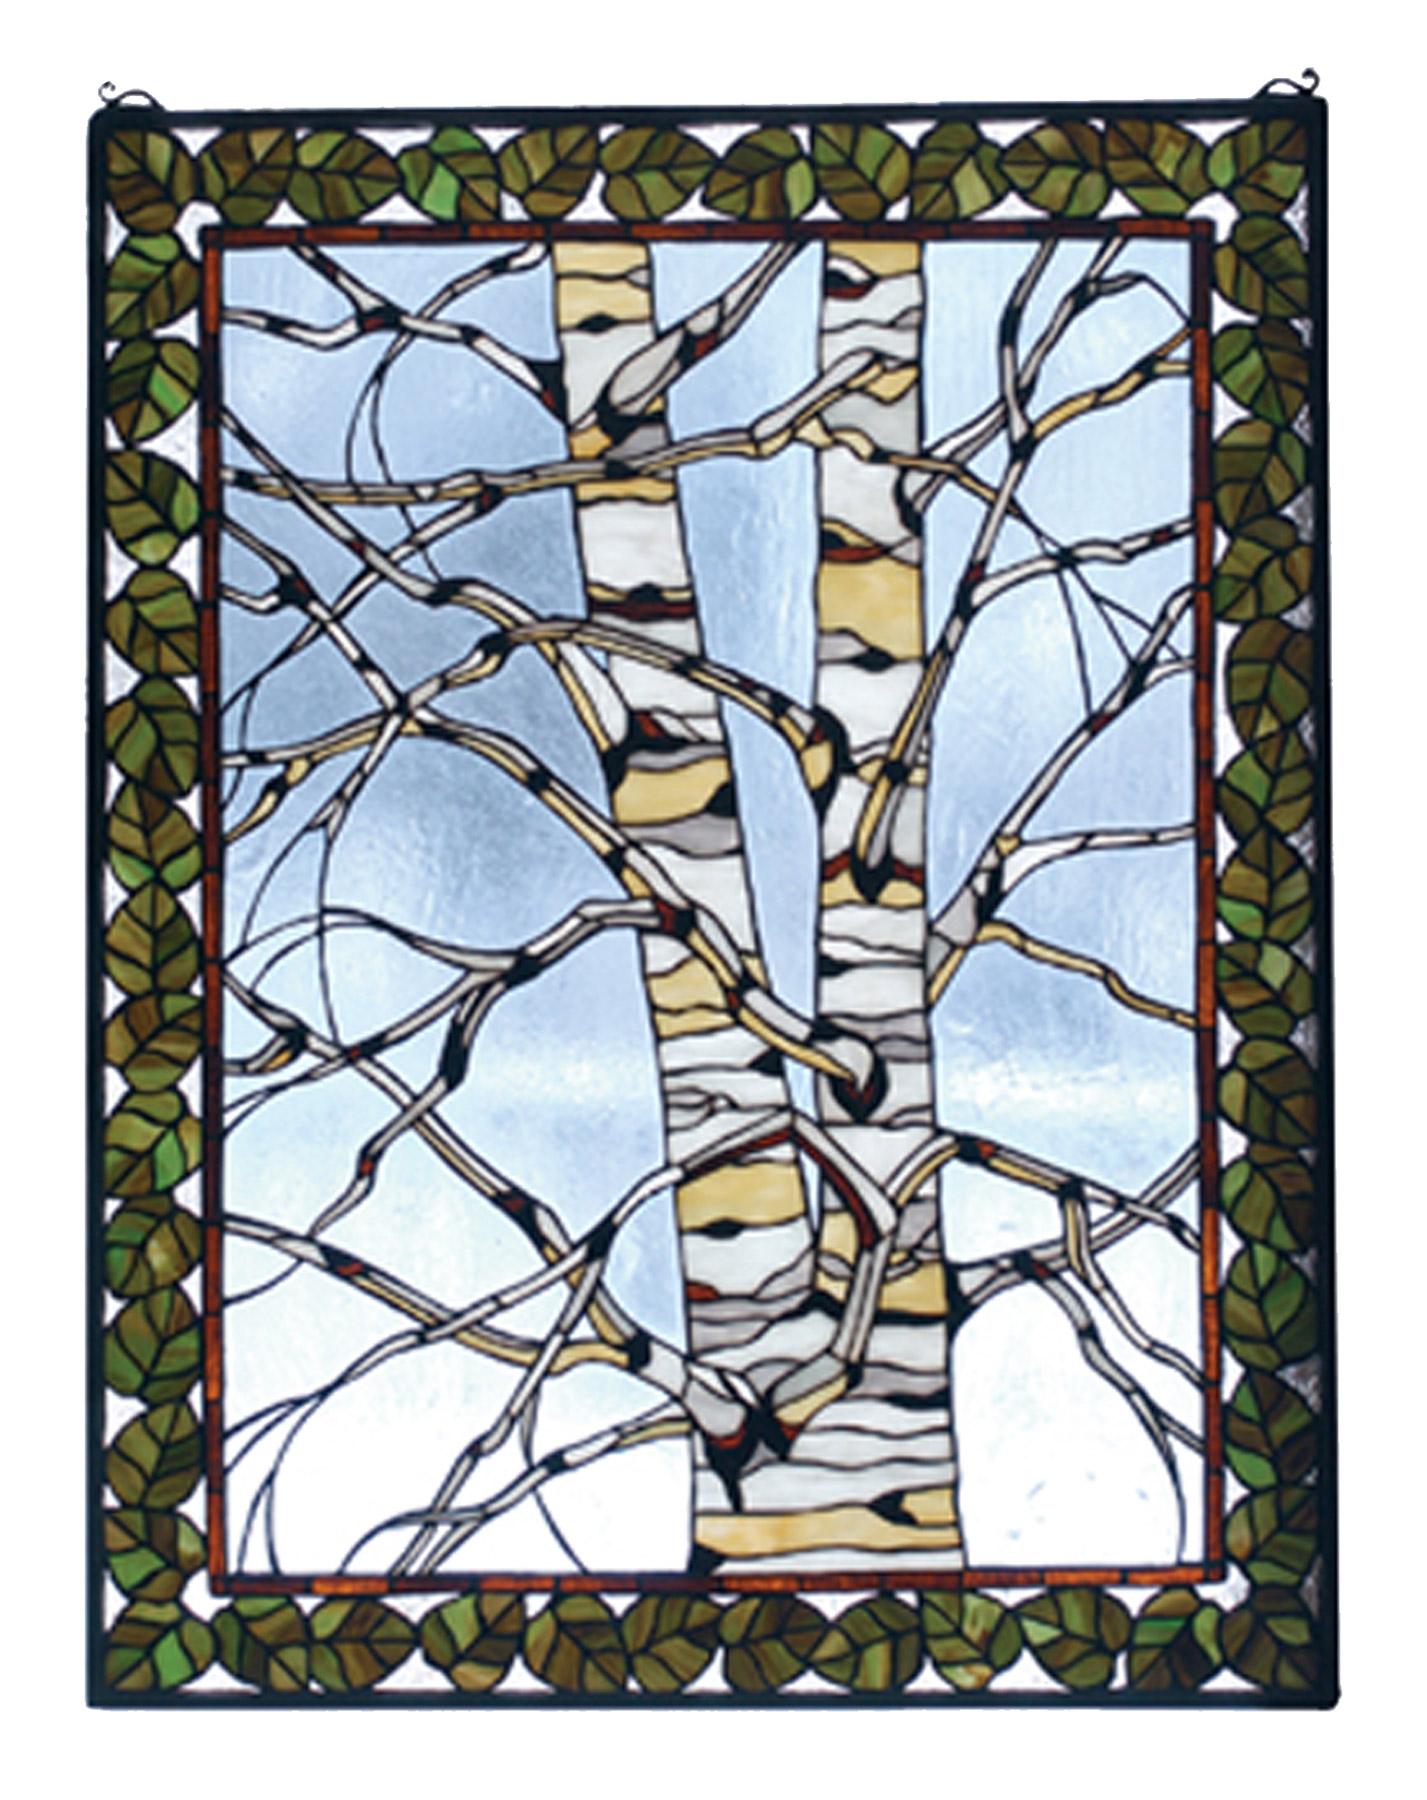 Meyda 73265 Birch Tree Stained Glass Window